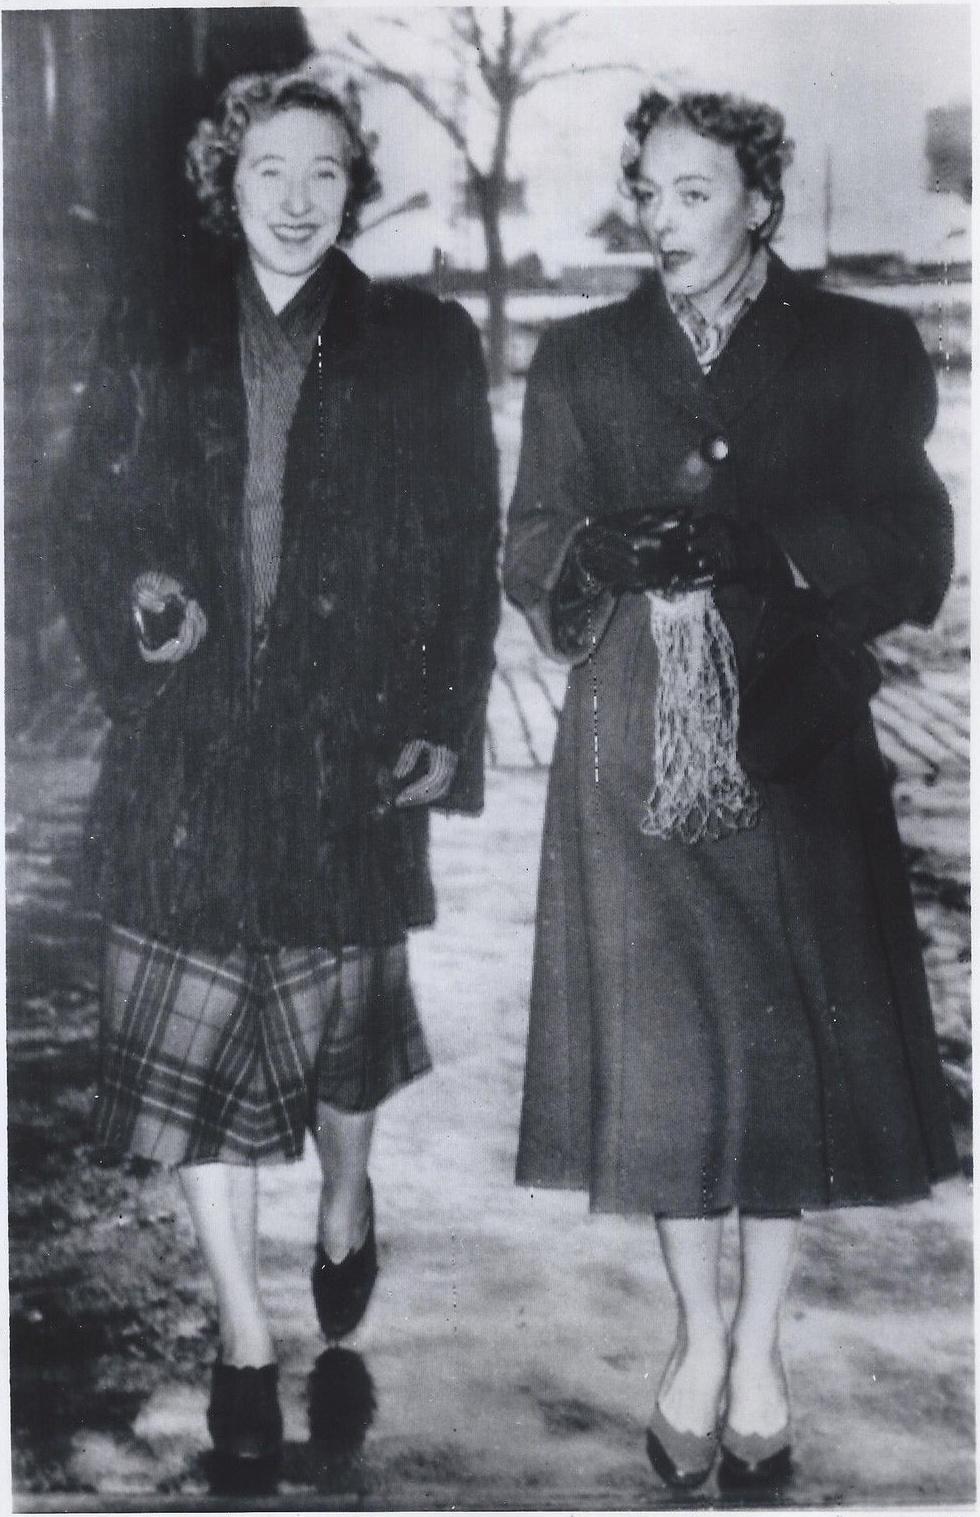 Christine Jorgensen and Friend